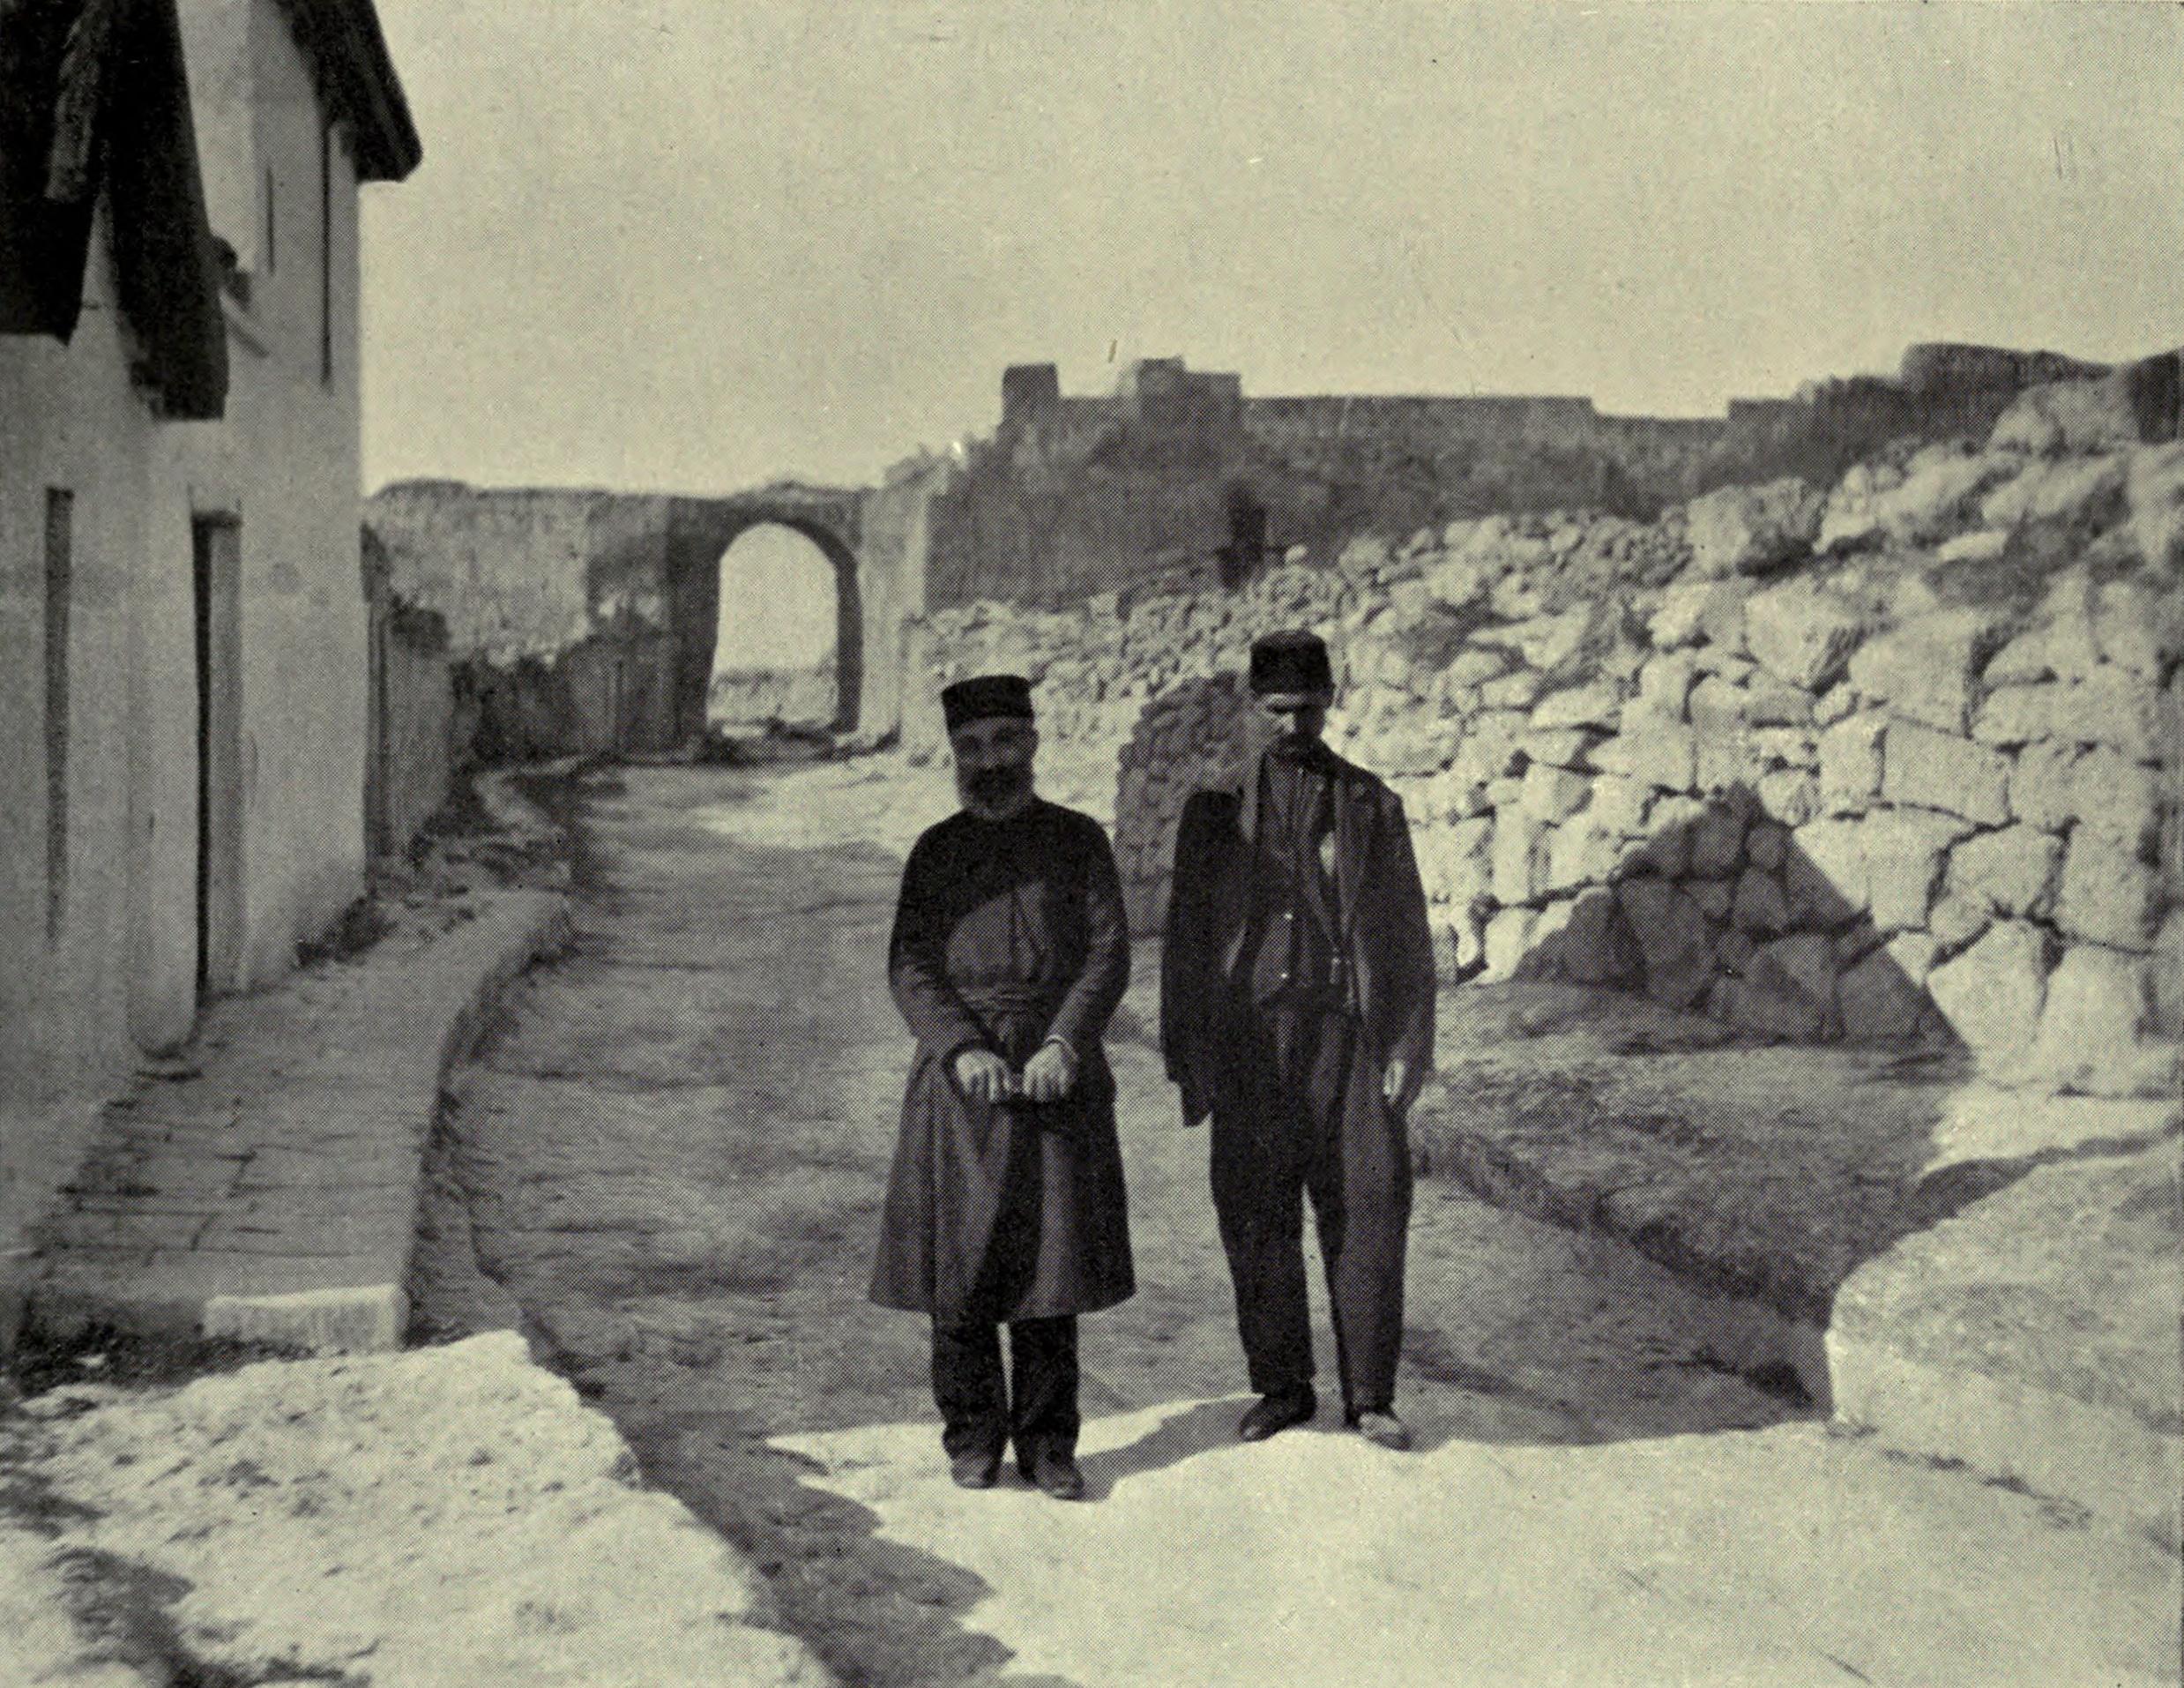 Руины Чуфут-Кале (Одинокий обитатель, раввин караимов. Мужчина слева - проводник)